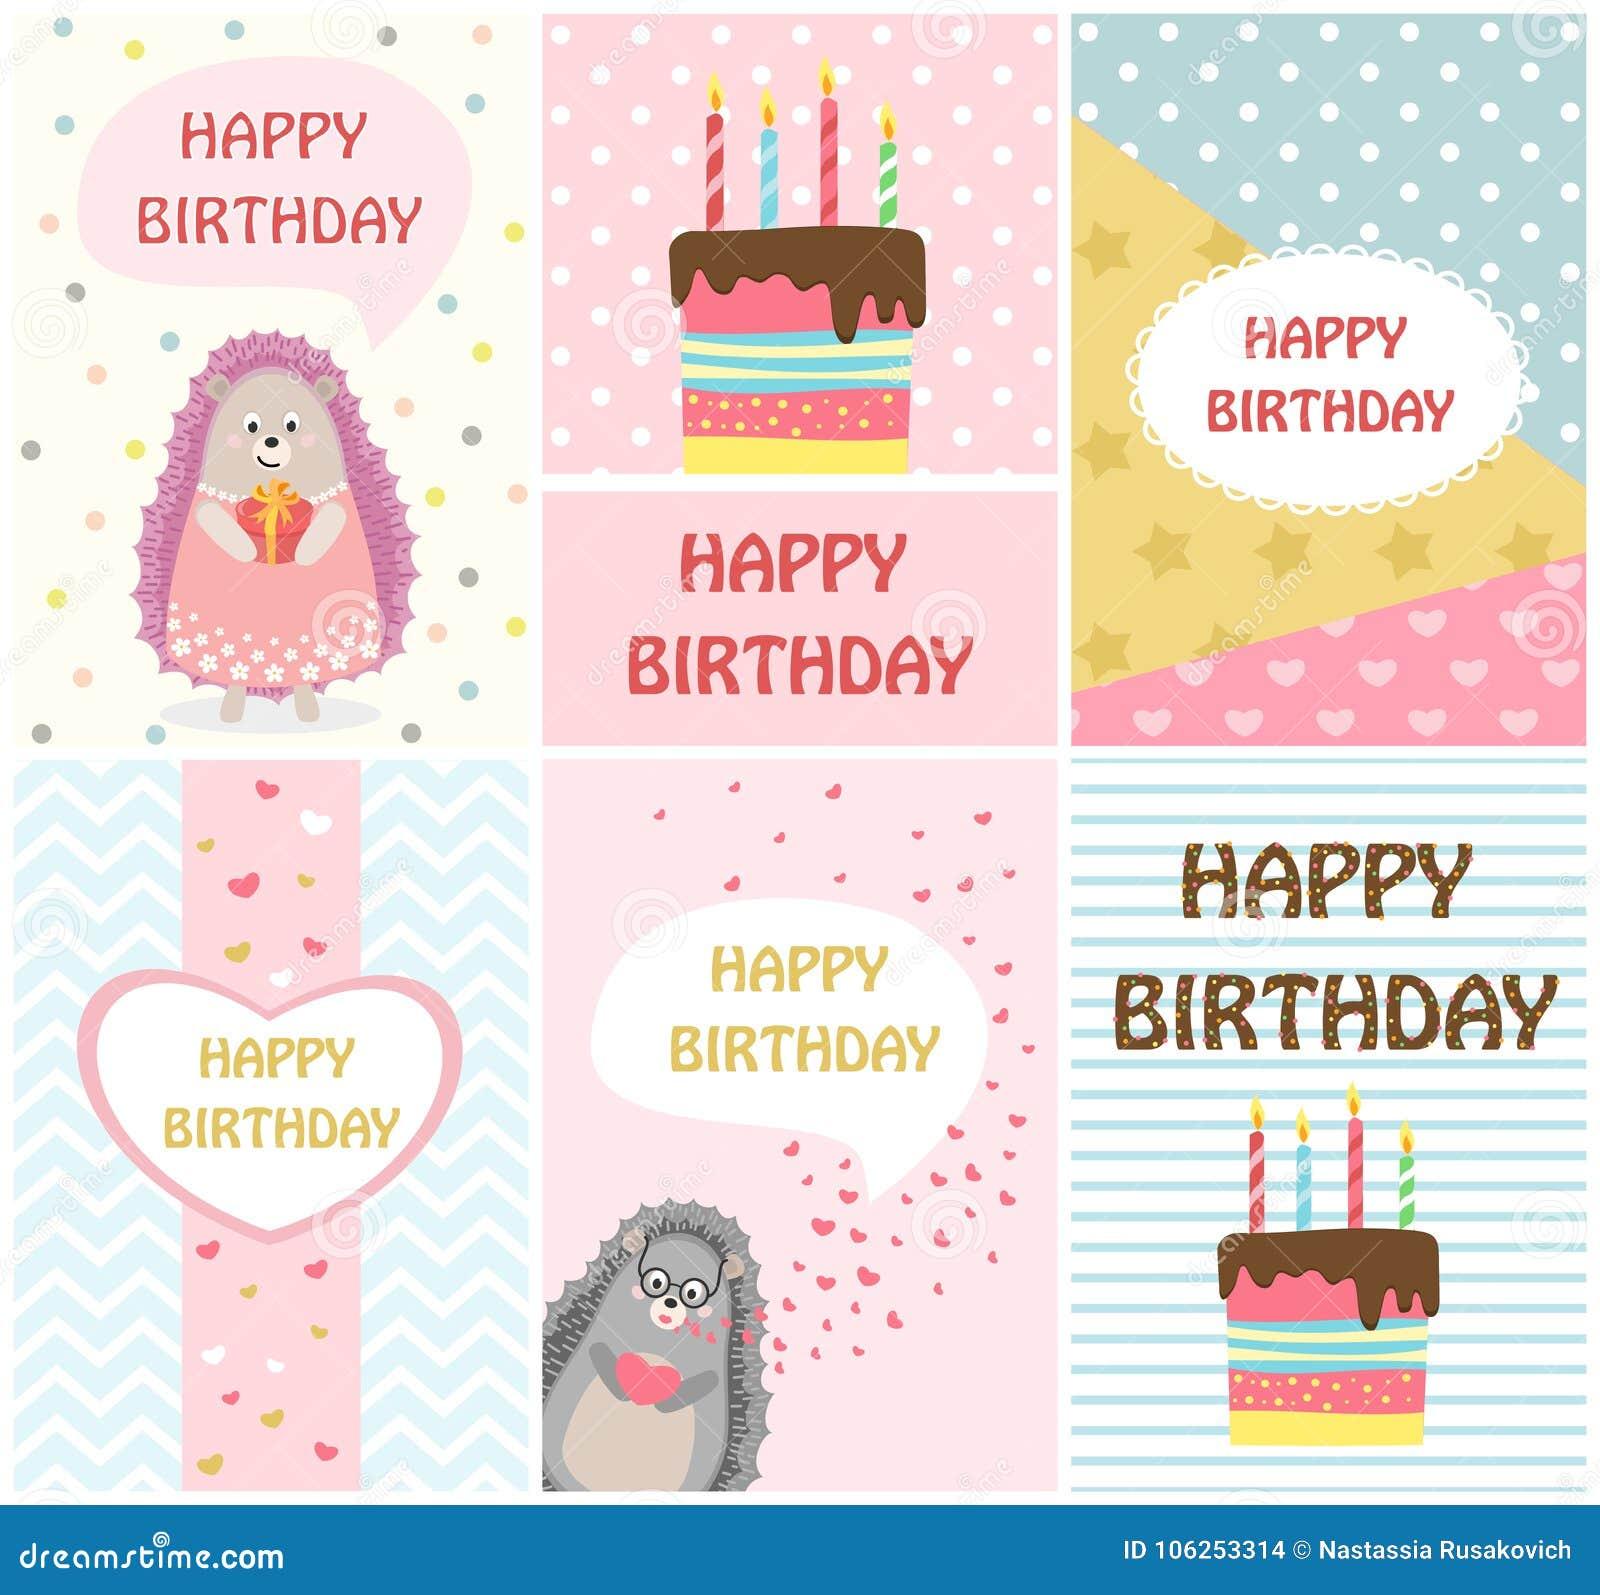 Plantillas de las tarjetas de felicitación del feliz cumpleaños e invitaciones del partido para los niños, sistema de postales